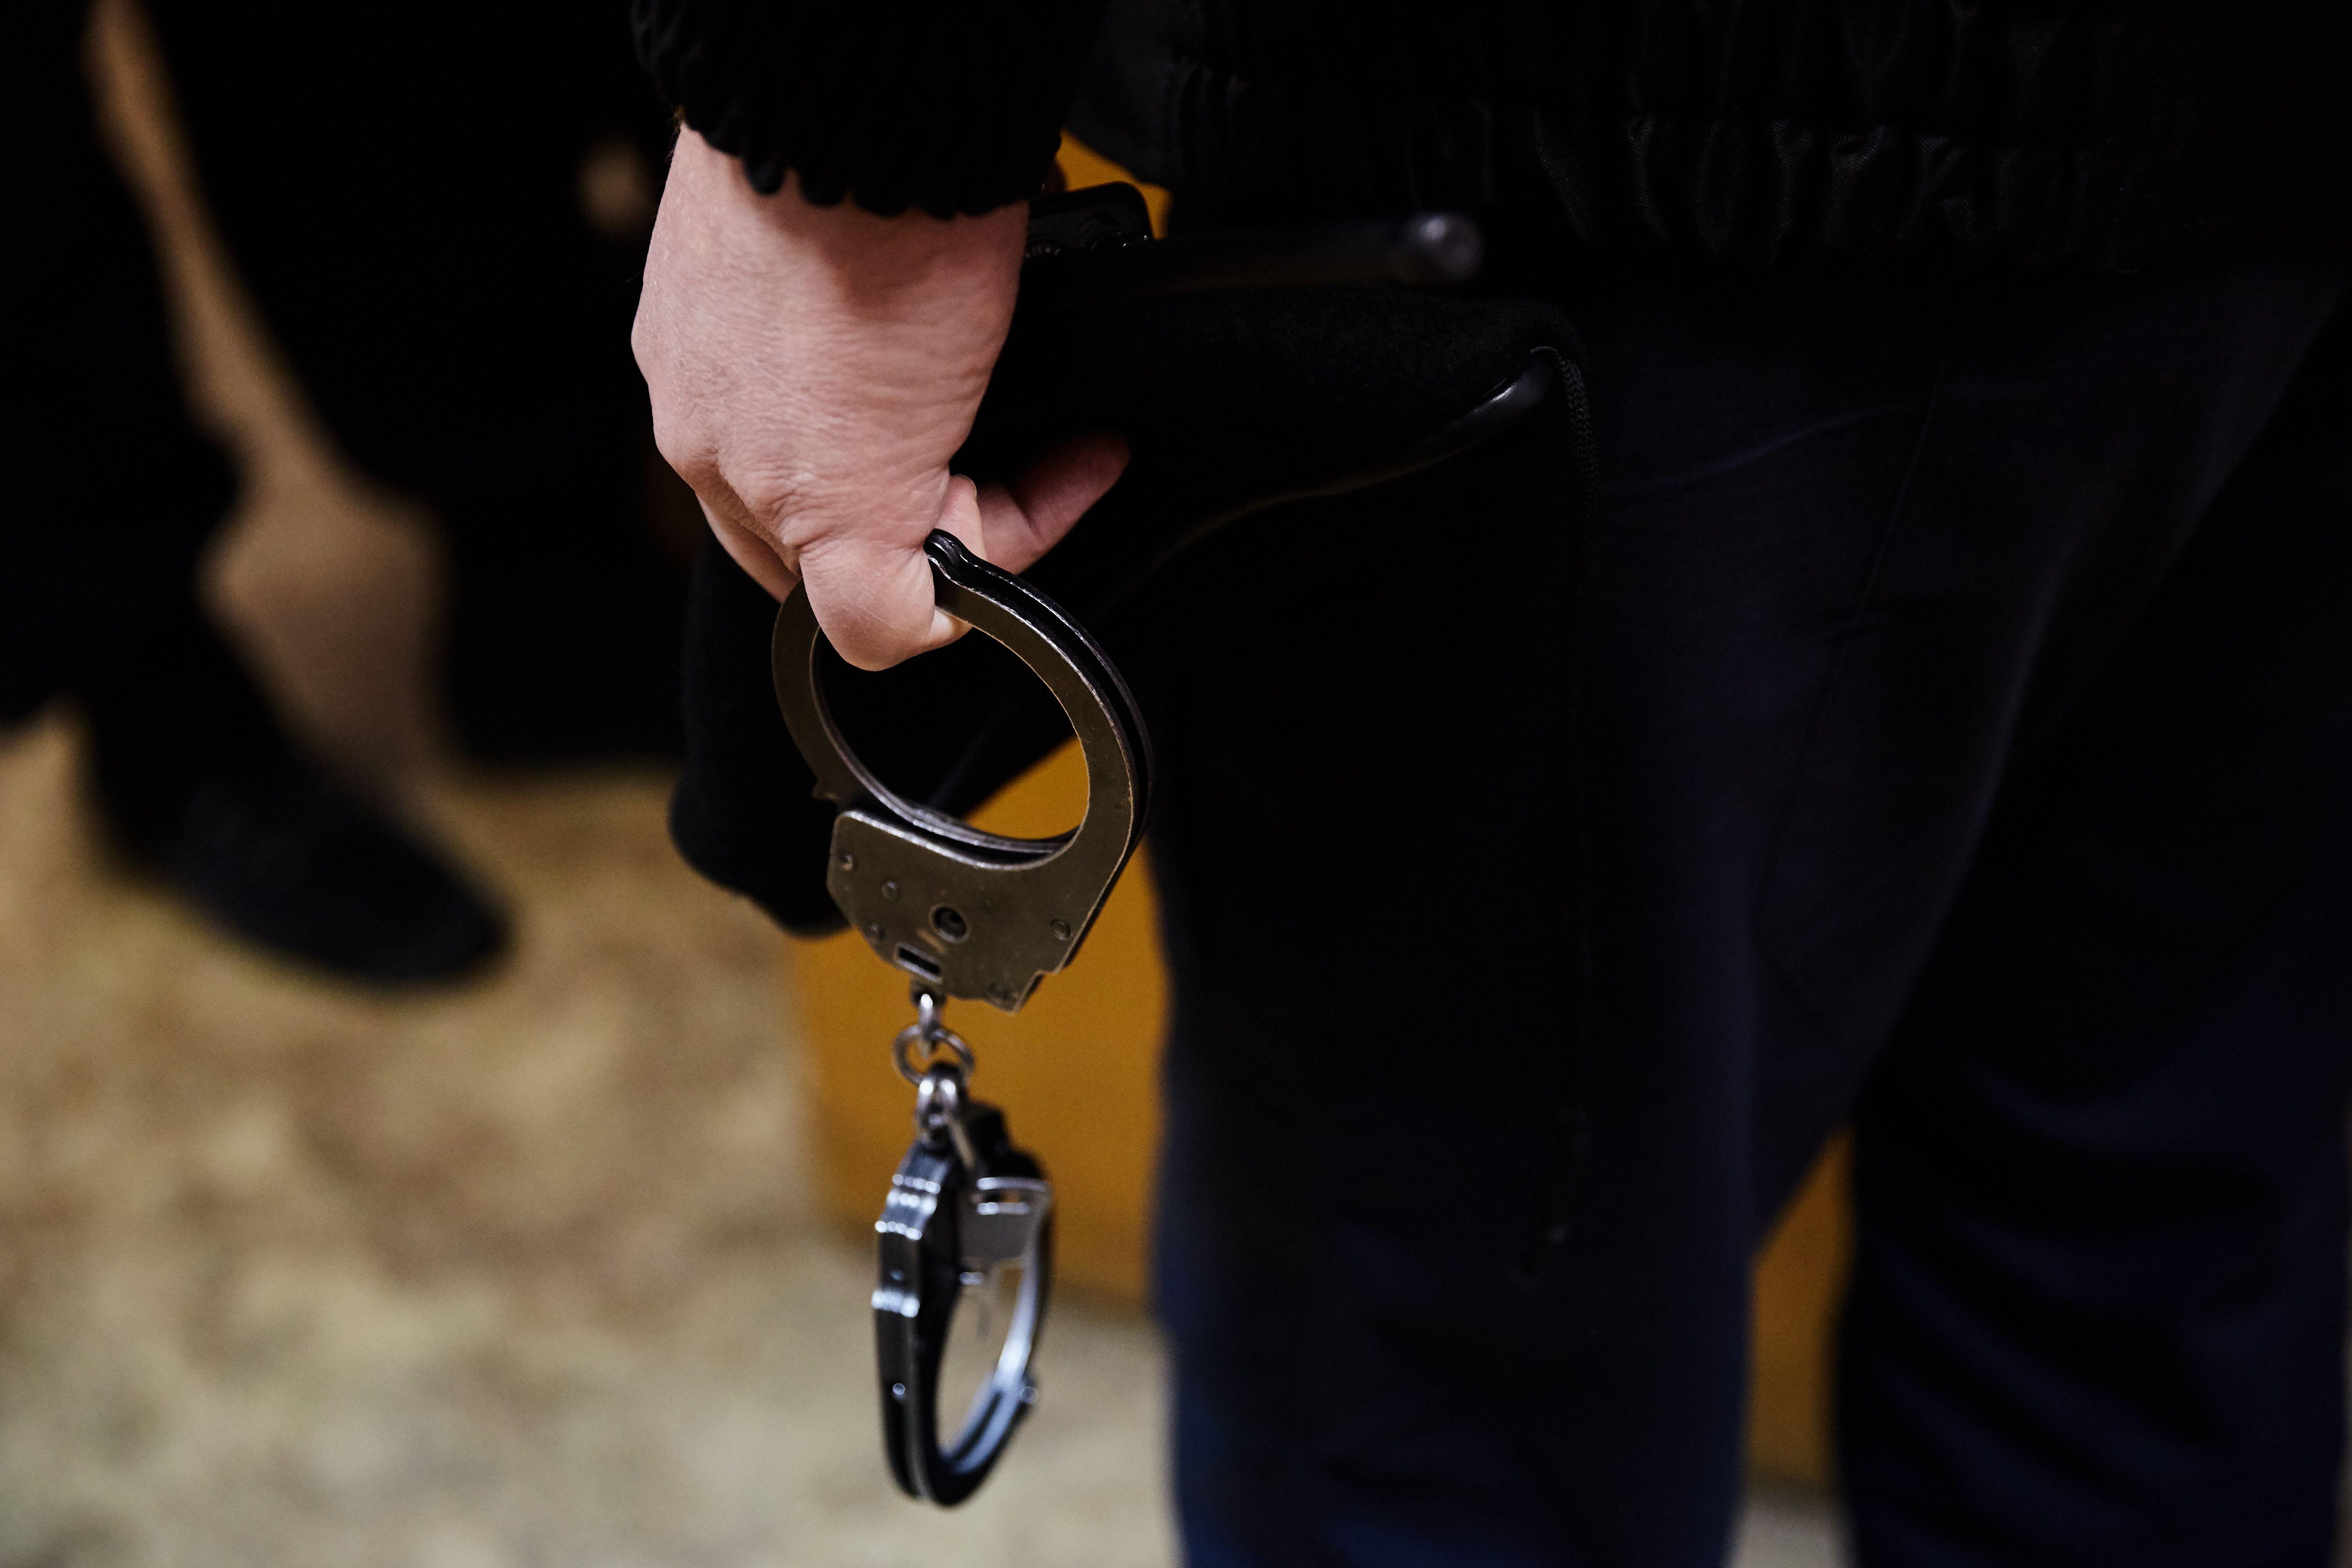 В Твери арестован педофил, жертвой которого стала 11-летняя родственница